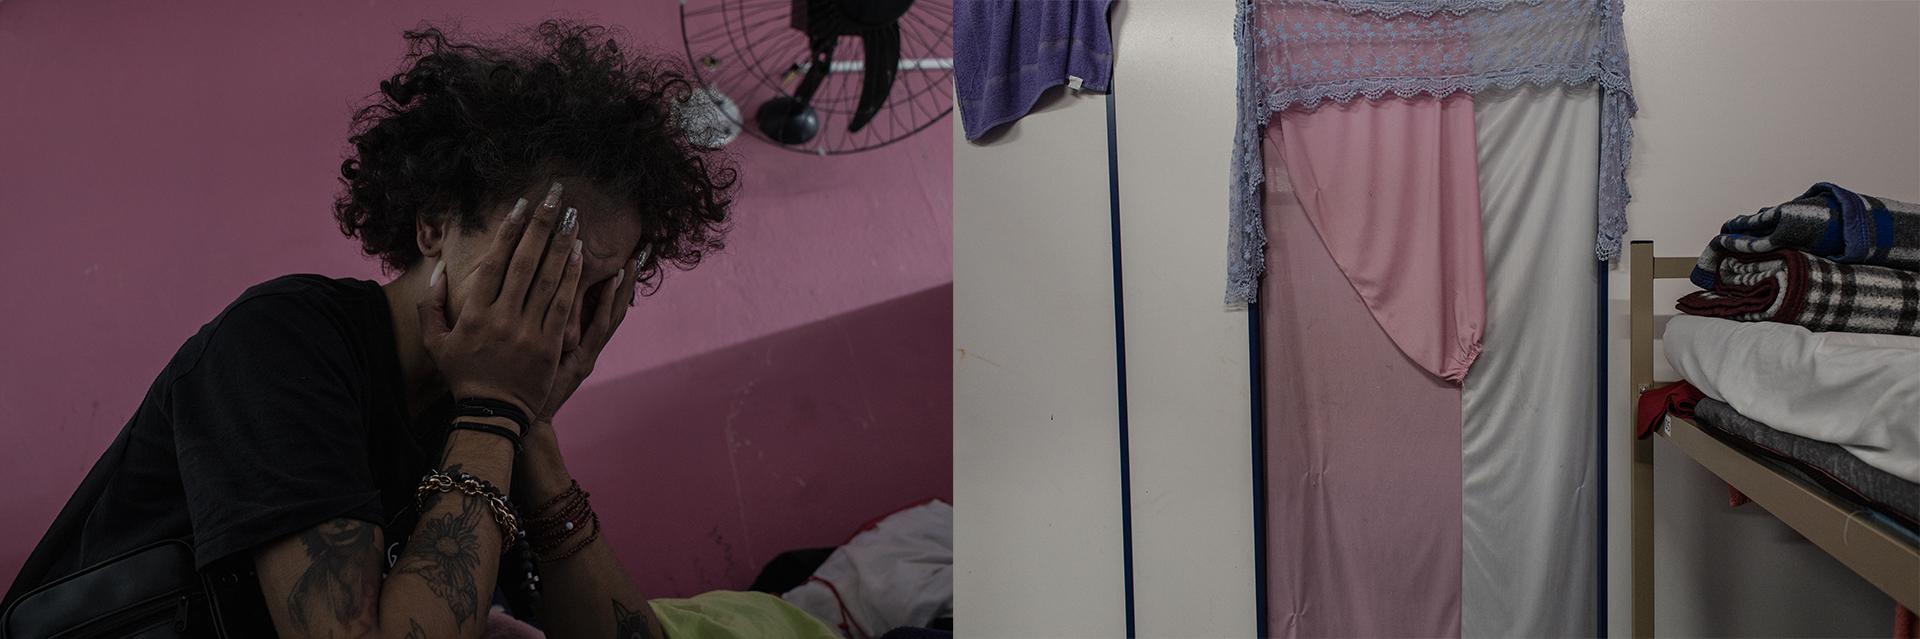 Bárbara chora em seu quarto devido o término de seu namoro com Mirella Santos. Mirella (22) decidiu sair da Casa Florescer I, local onde conheceu Bárbara, para voltar a viver na rua. Mirella vive em barracas com outras pessoas em condição de rua perto da Barra Funda, desde sua mudança elas pararam de se encontrar. Entrada do quarto de Bárbara na Casa Florescer II, o qual ela dividia com outras mulheres transexuais. Bárbara morou de Julho à outubro de 2020 na Casa Florescer II, em Janeiro de 2021 até abril de 2021 viveu na Casa Florescer I e um dia depois voltou a morar na Florescer II até agosto de 2021 quando retornou para Florescer I.